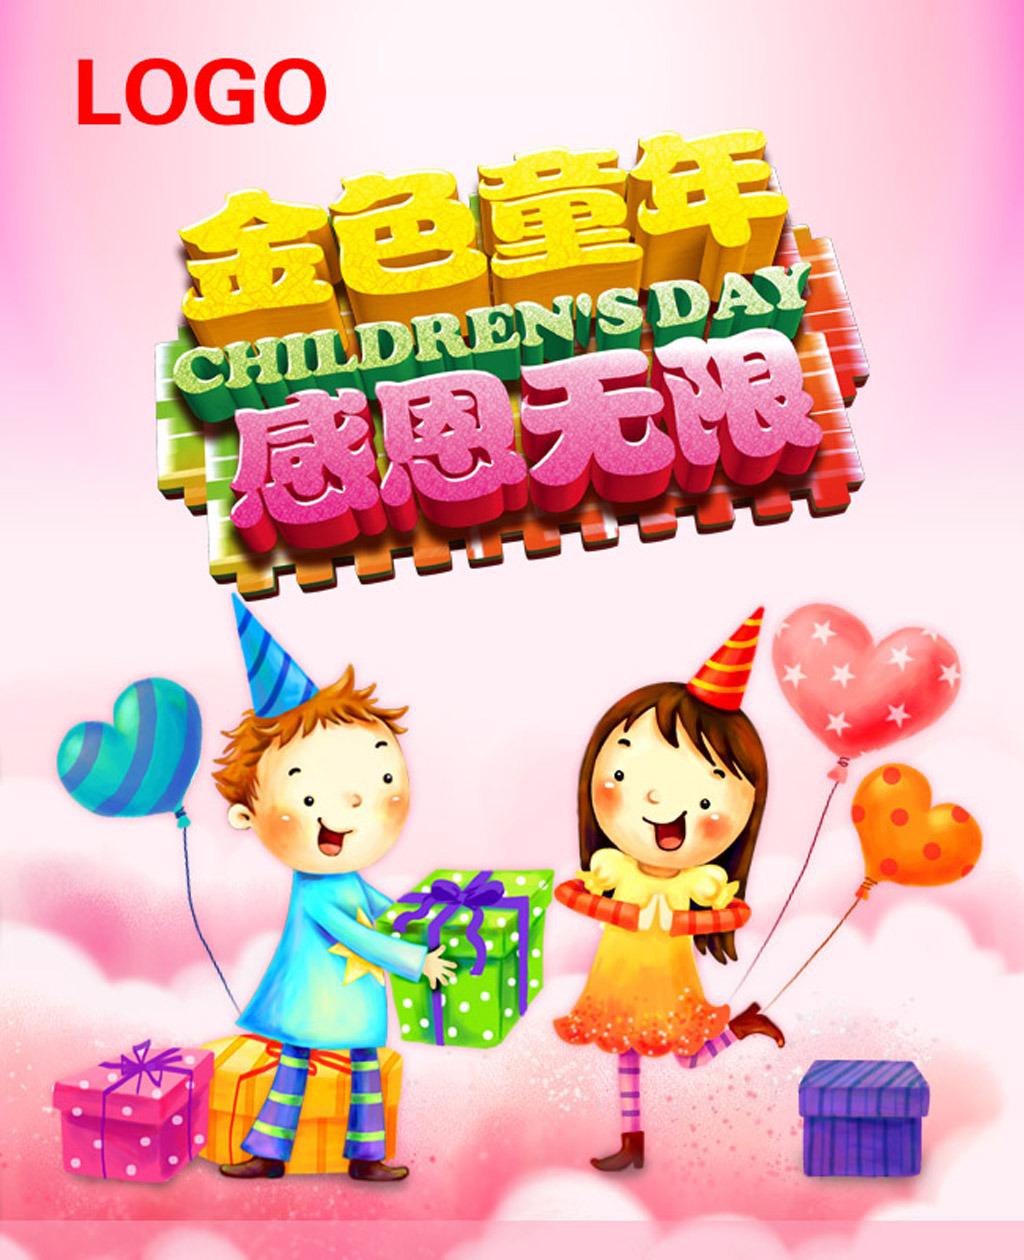 海报 模板/[版权图片]六一儿童节海报模板